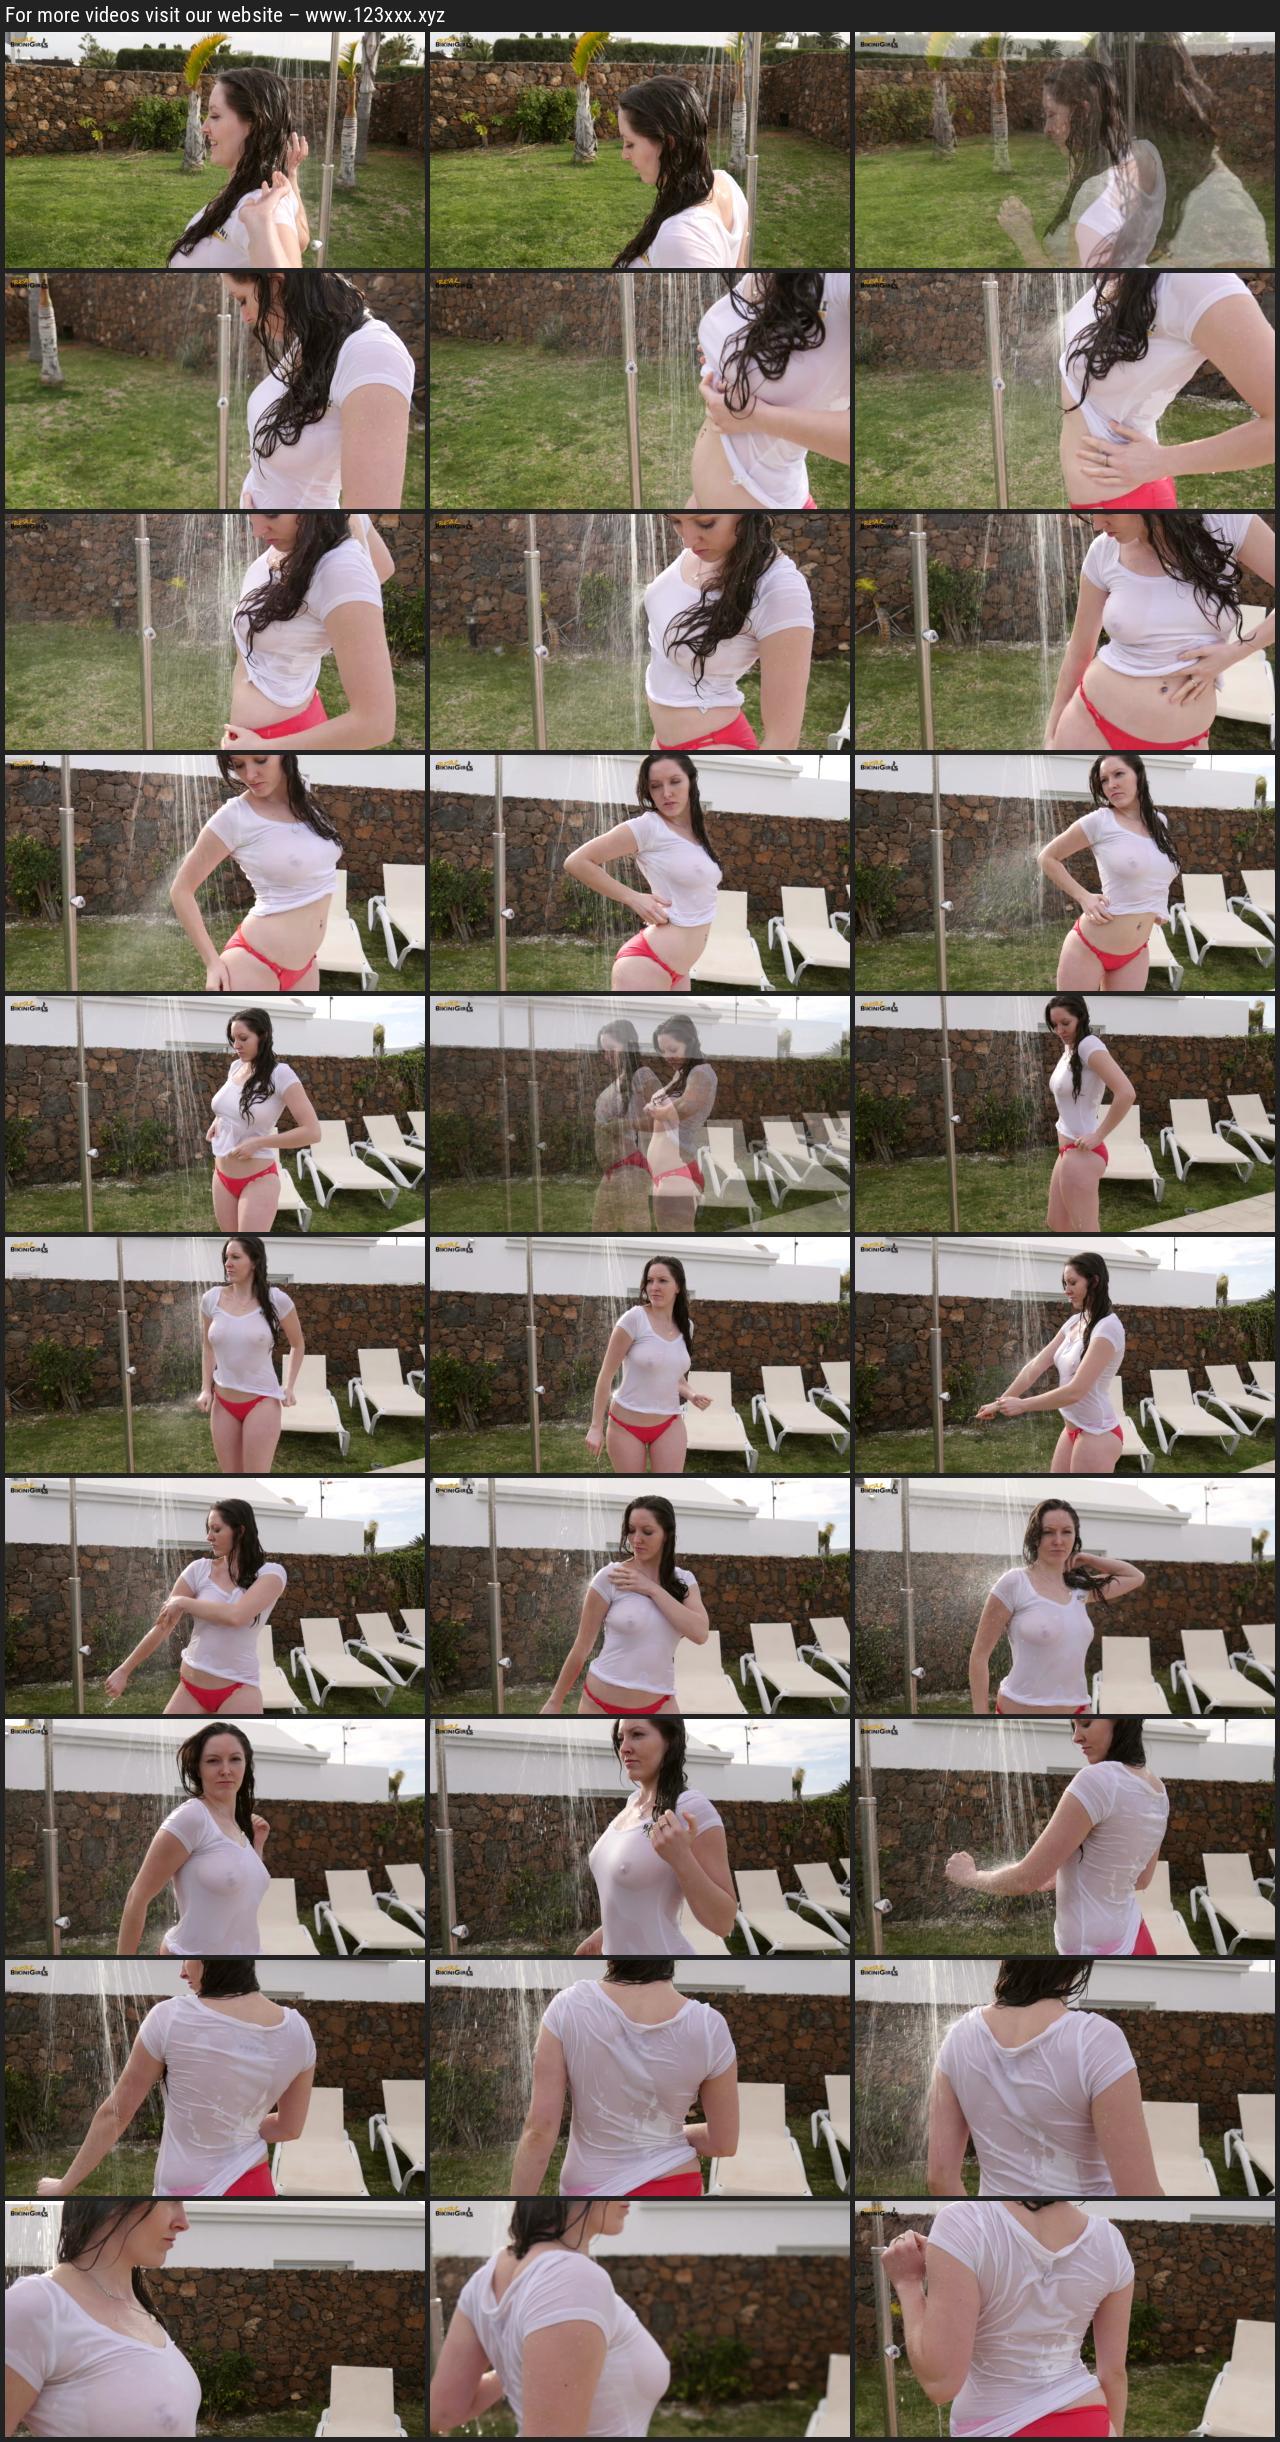 realbikinigirls.18.01.20.joey.m.see.through.in.the.shower_thumbs.jpg